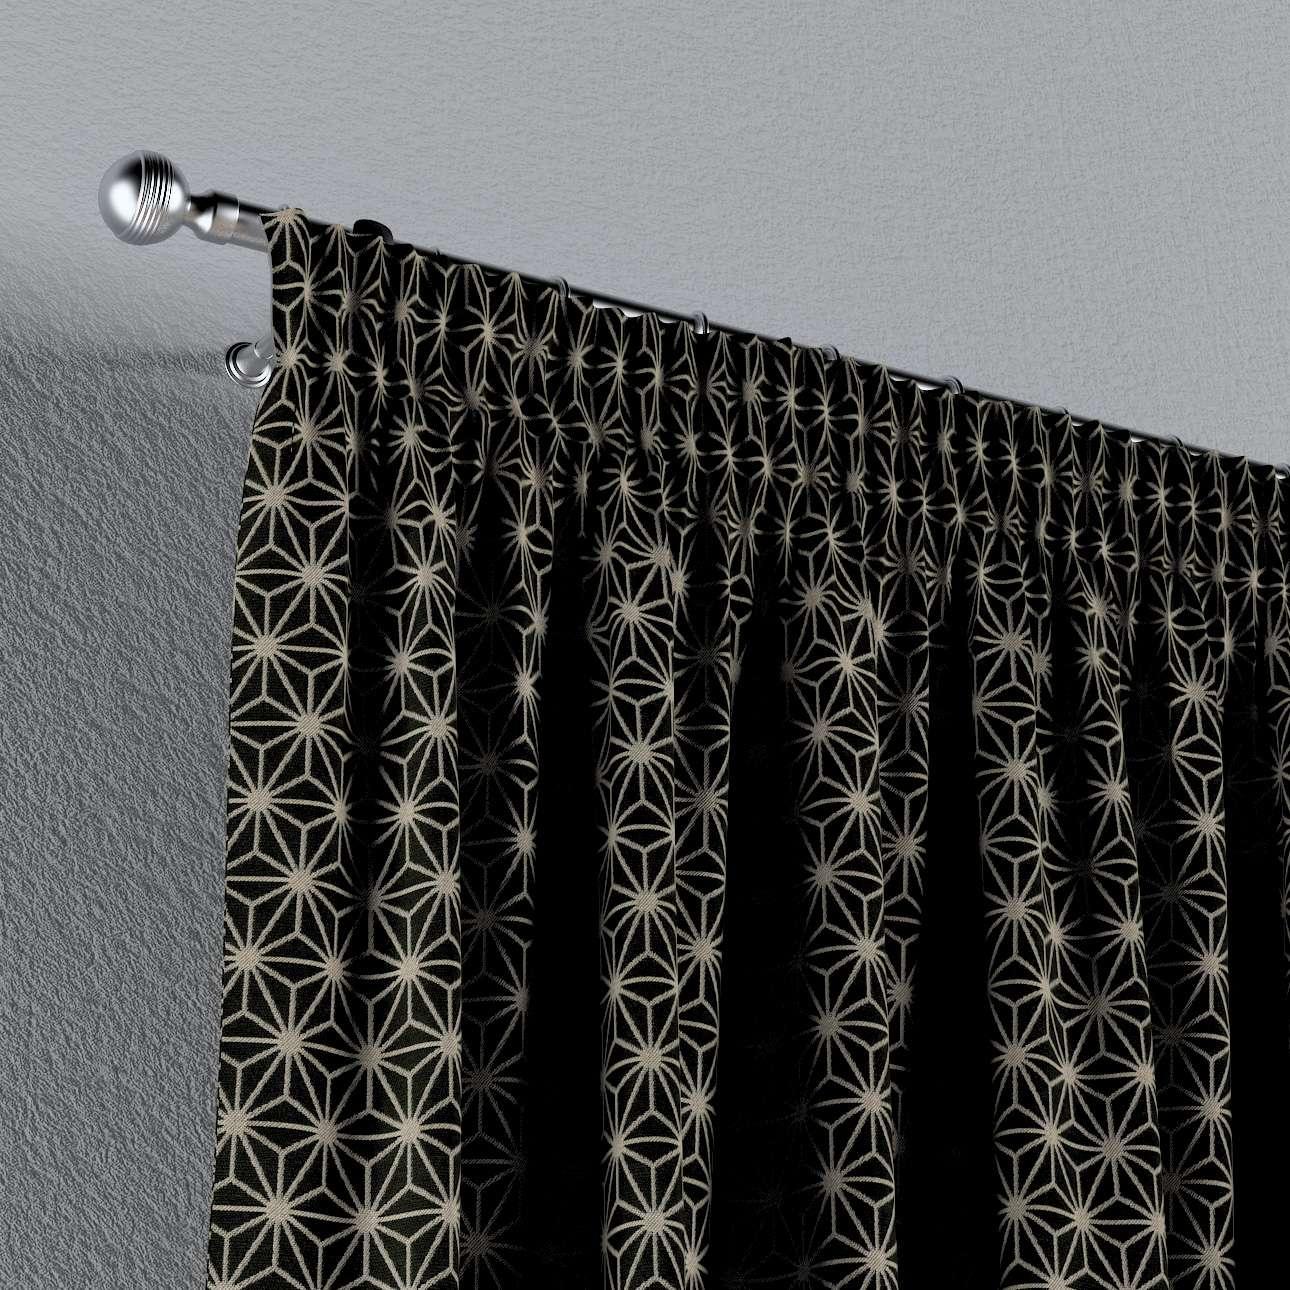 Záves na riasiacej páske V kolekcii Black & White, tkanina: 142-56